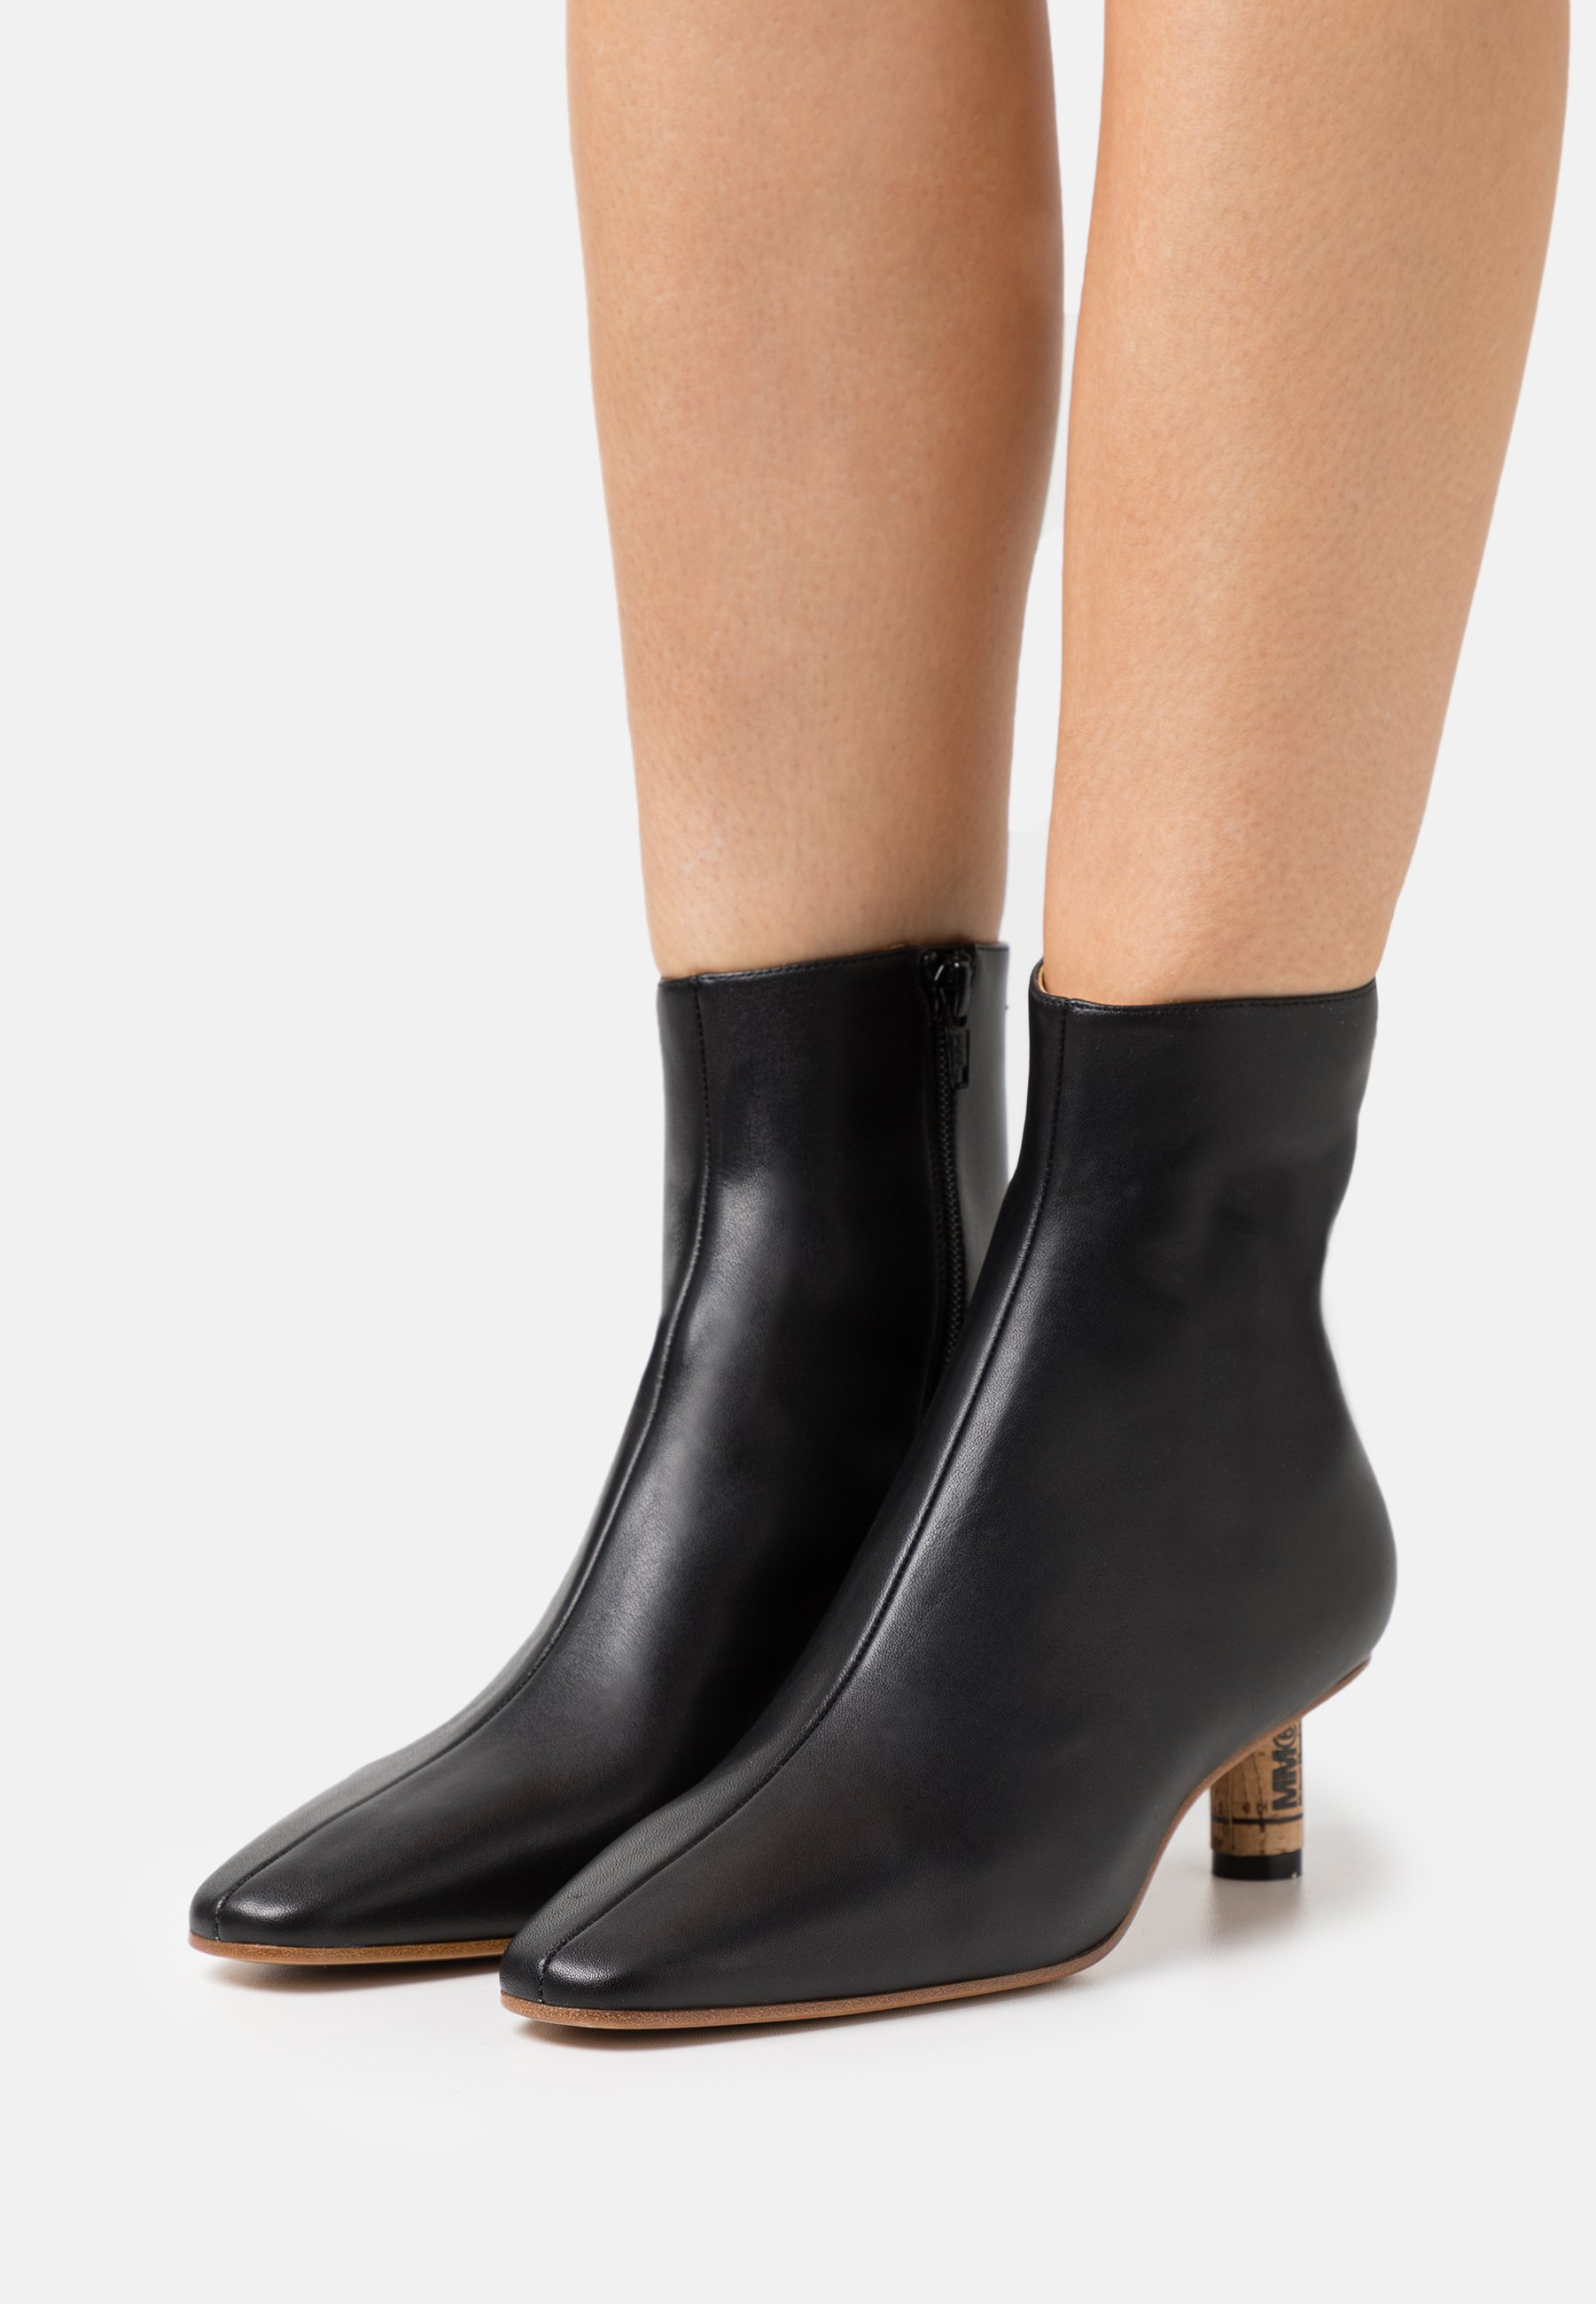 Damen BOOT - Stiefelette